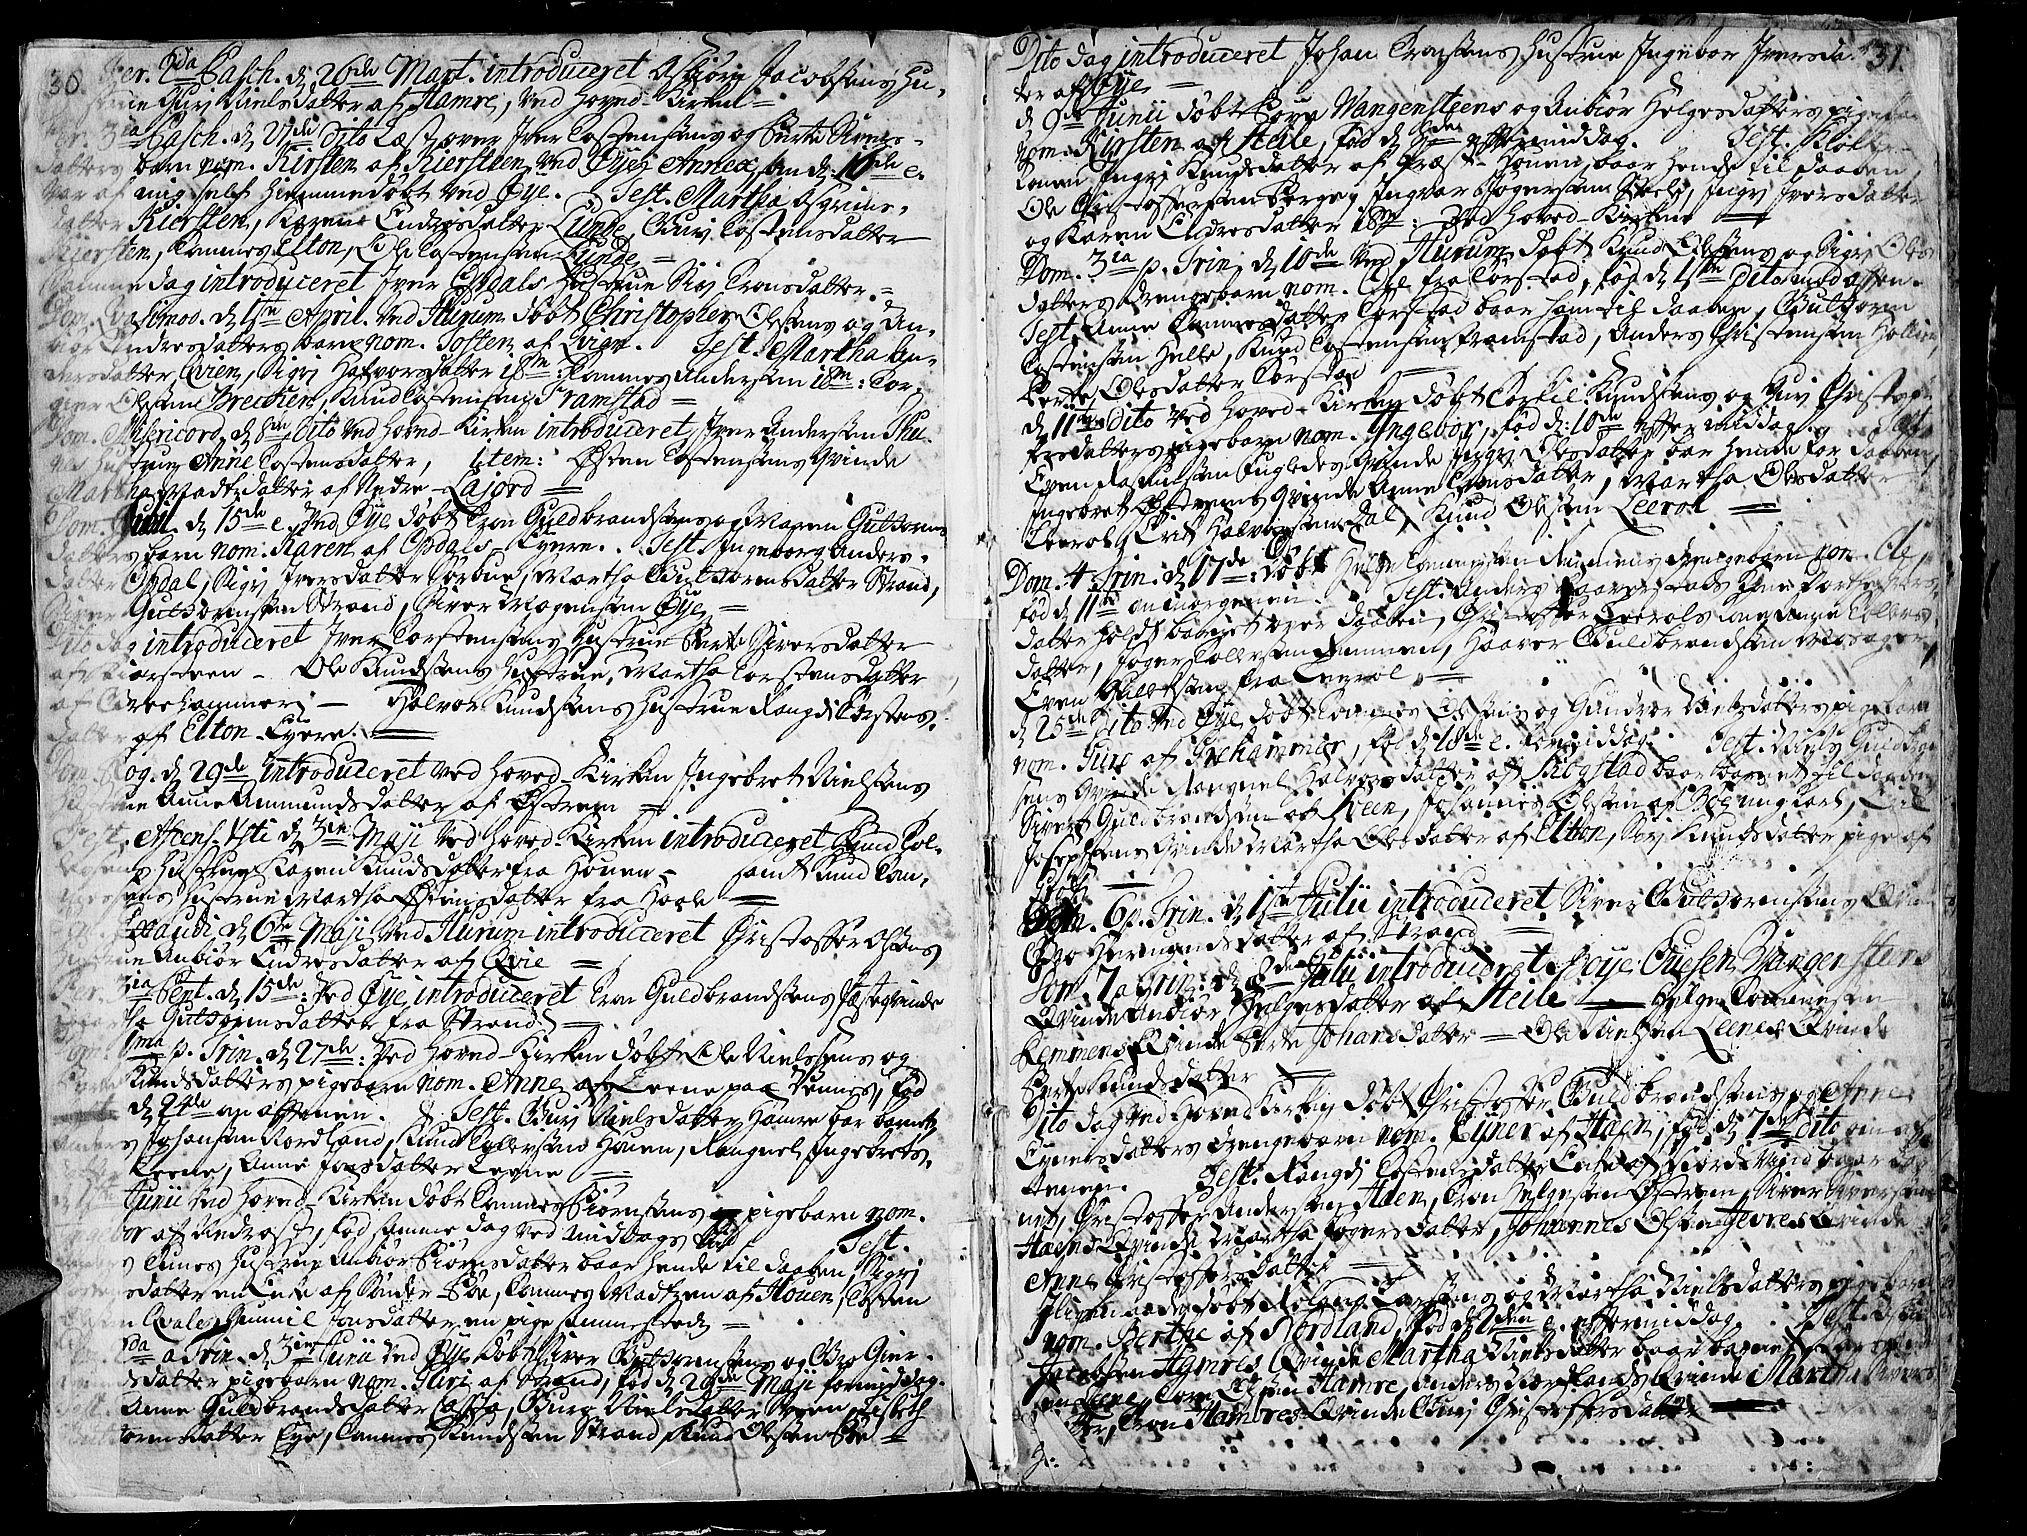 SAH, Vang prestekontor, Valdres, Ministerialbok nr. 1, 1730-1796, s. 30-31